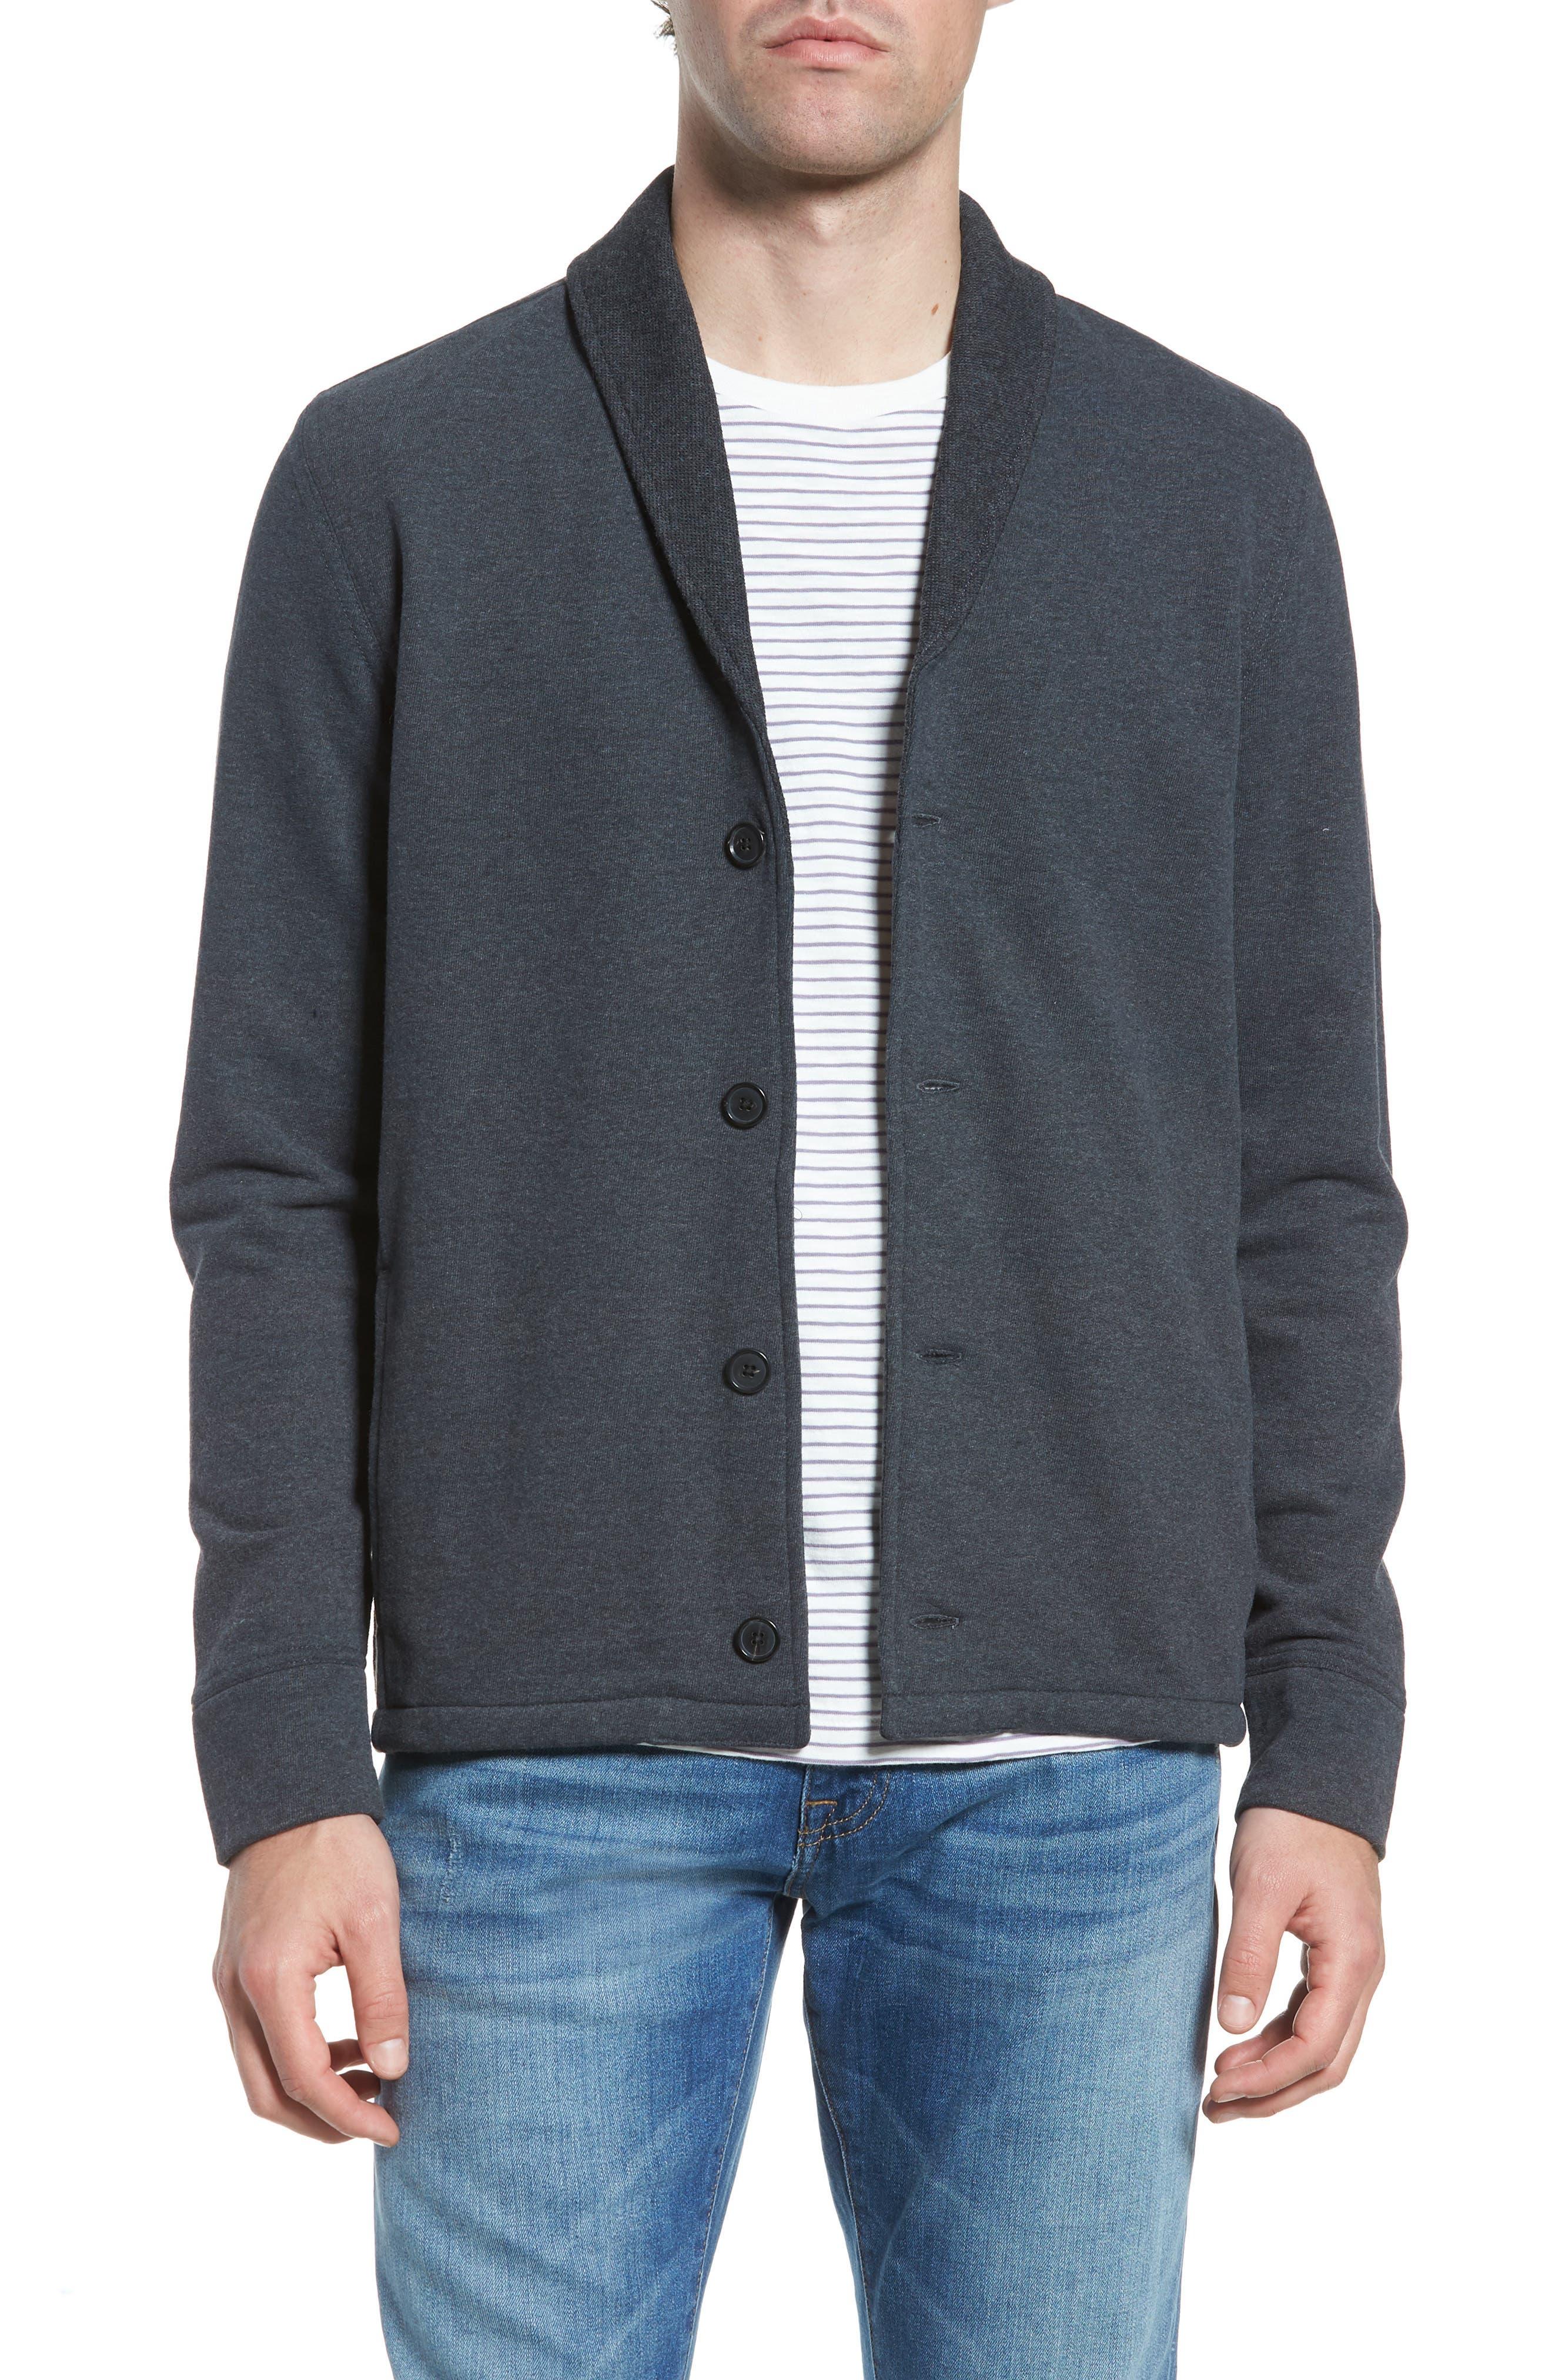 Billy Reid Elliott Sweater Jacket